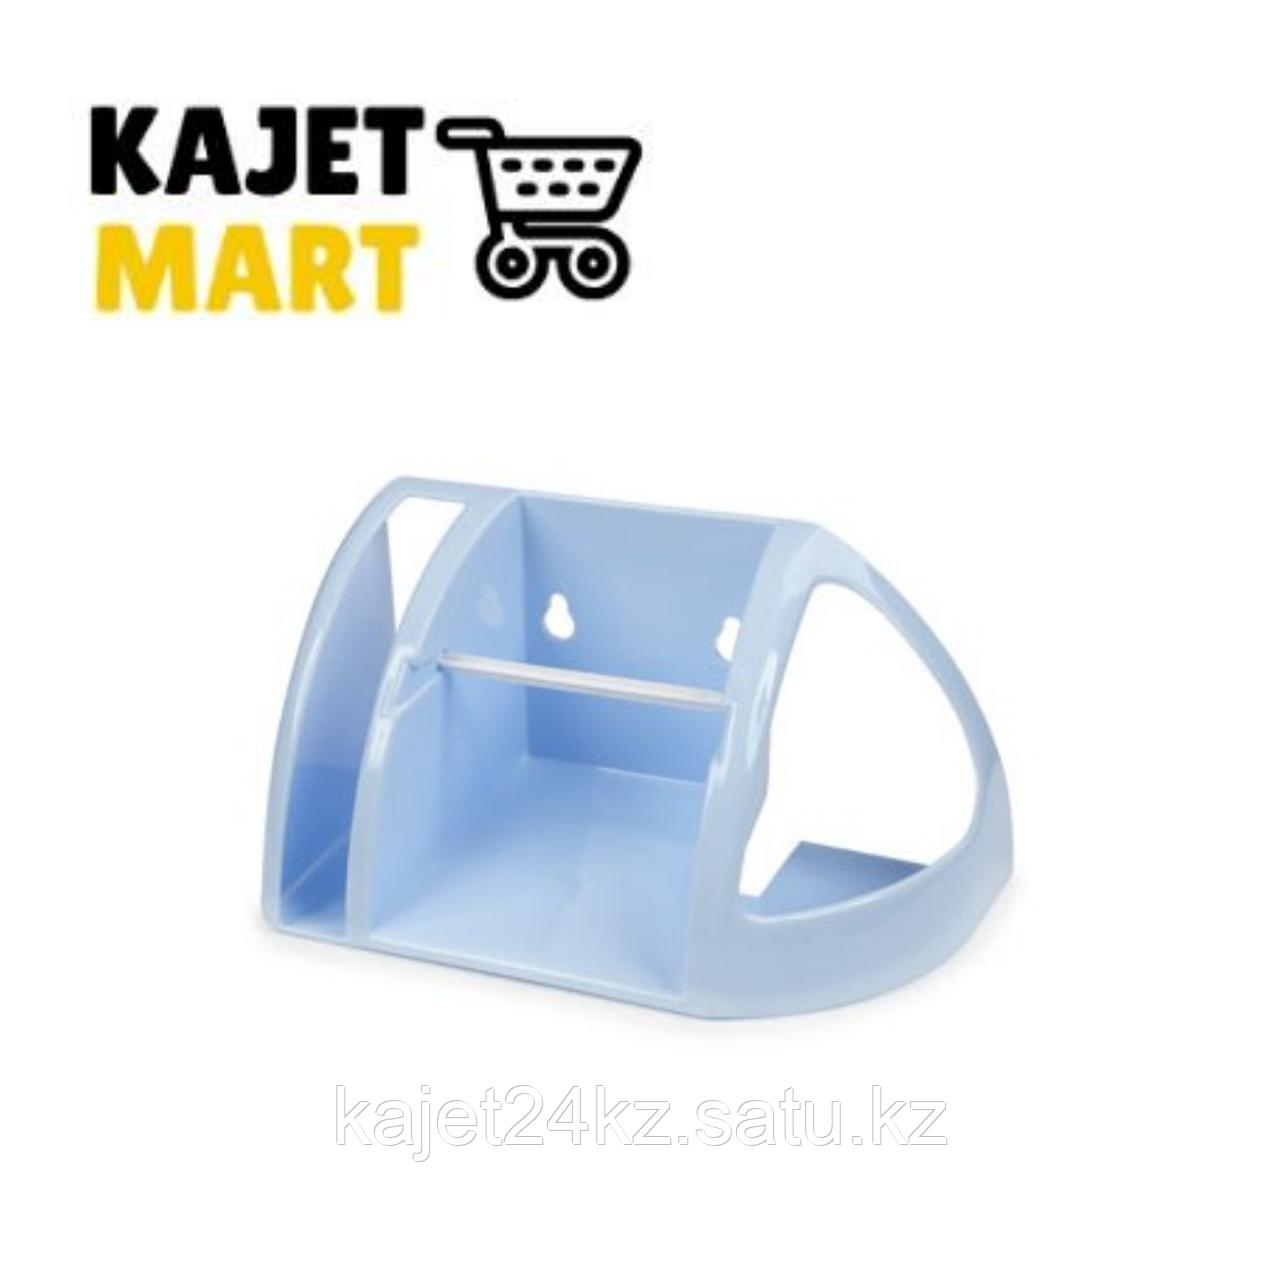 Полка для туалета (светло-голубой)